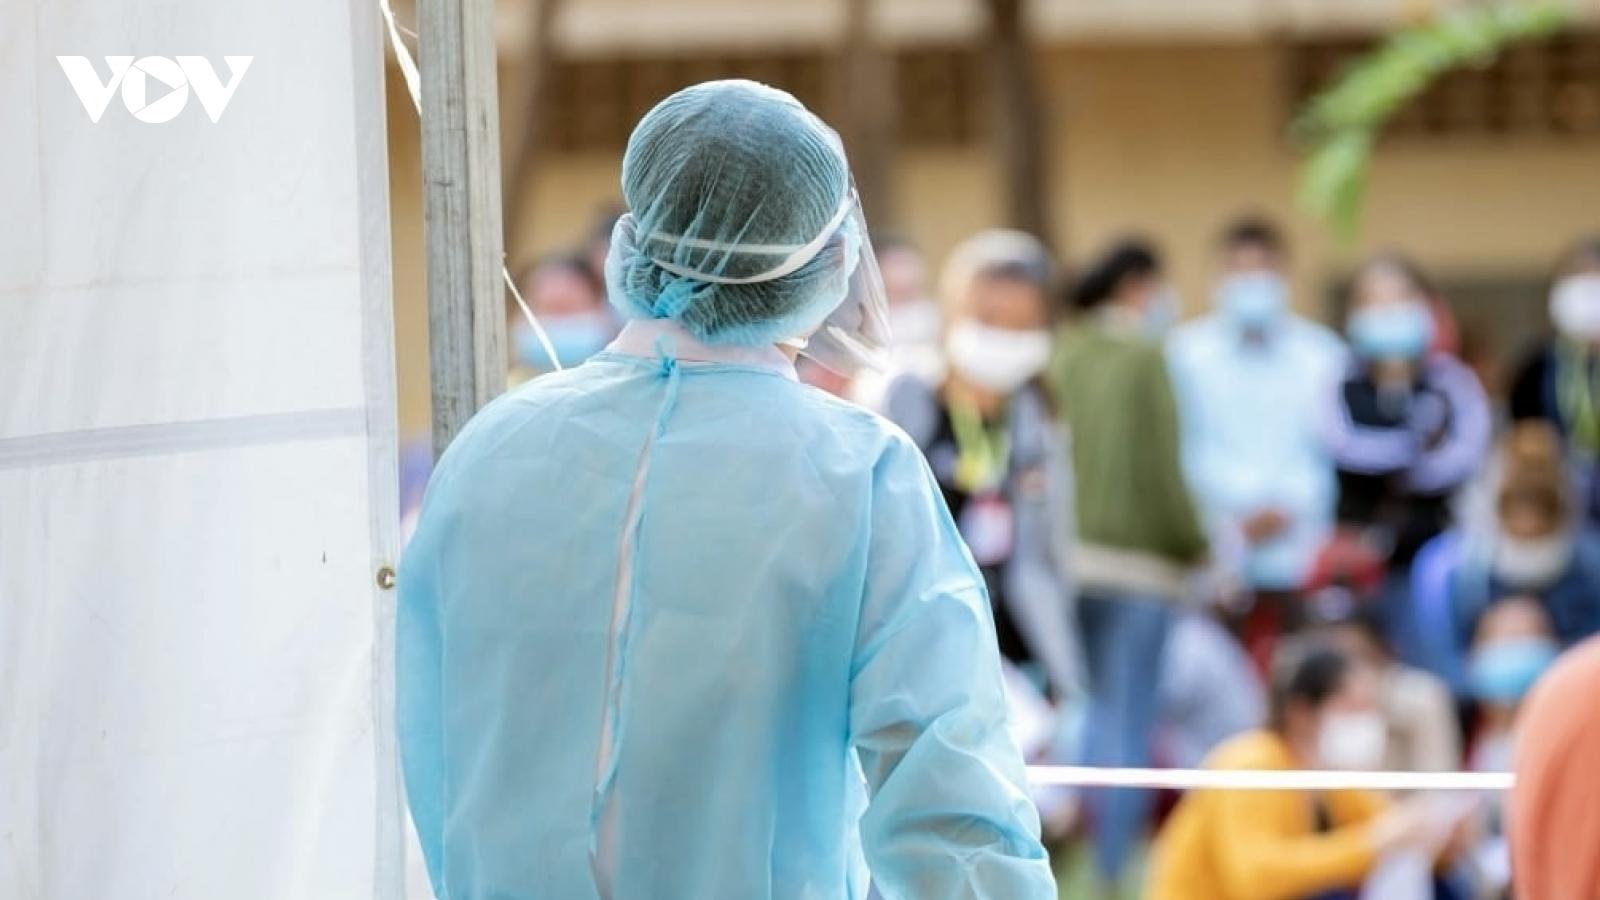 Campuchia, Tunisia, Nga, và Australia ứng phó với đại dịch Covid-19 và các biến thể